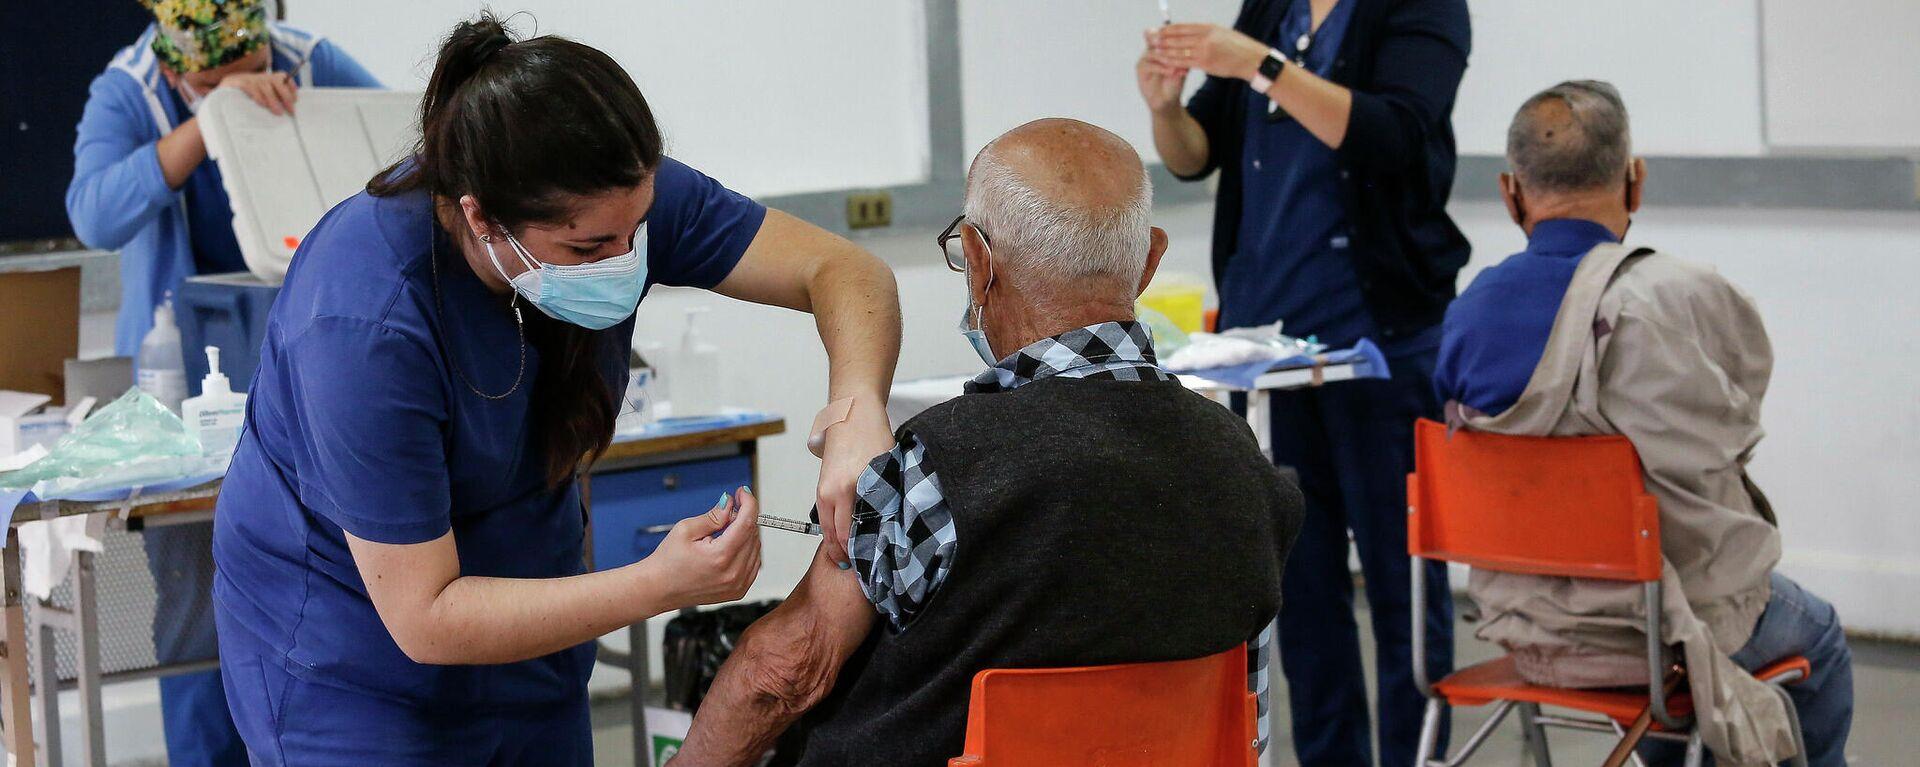 Proceso de vacunación a mayores de  90 años en Chile - Sputnik Mundo, 1920, 19.07.2021